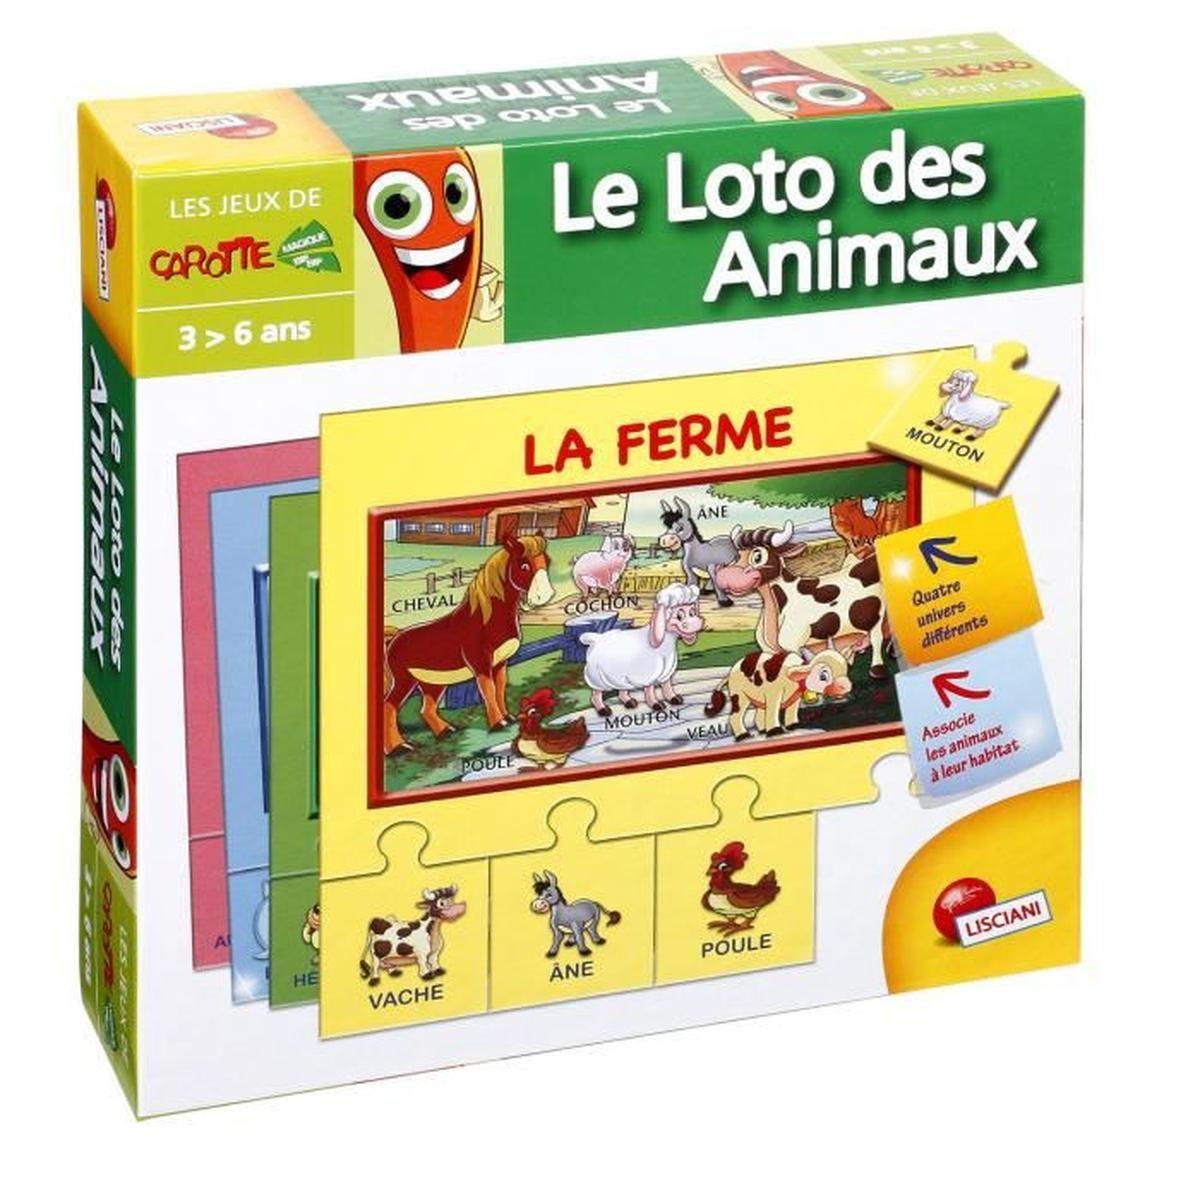 Jeu Éducatif Puzzle Mes 1Ers Mots - Groupe Le Loto Des Animaux Jeux Educatif 3 Ans